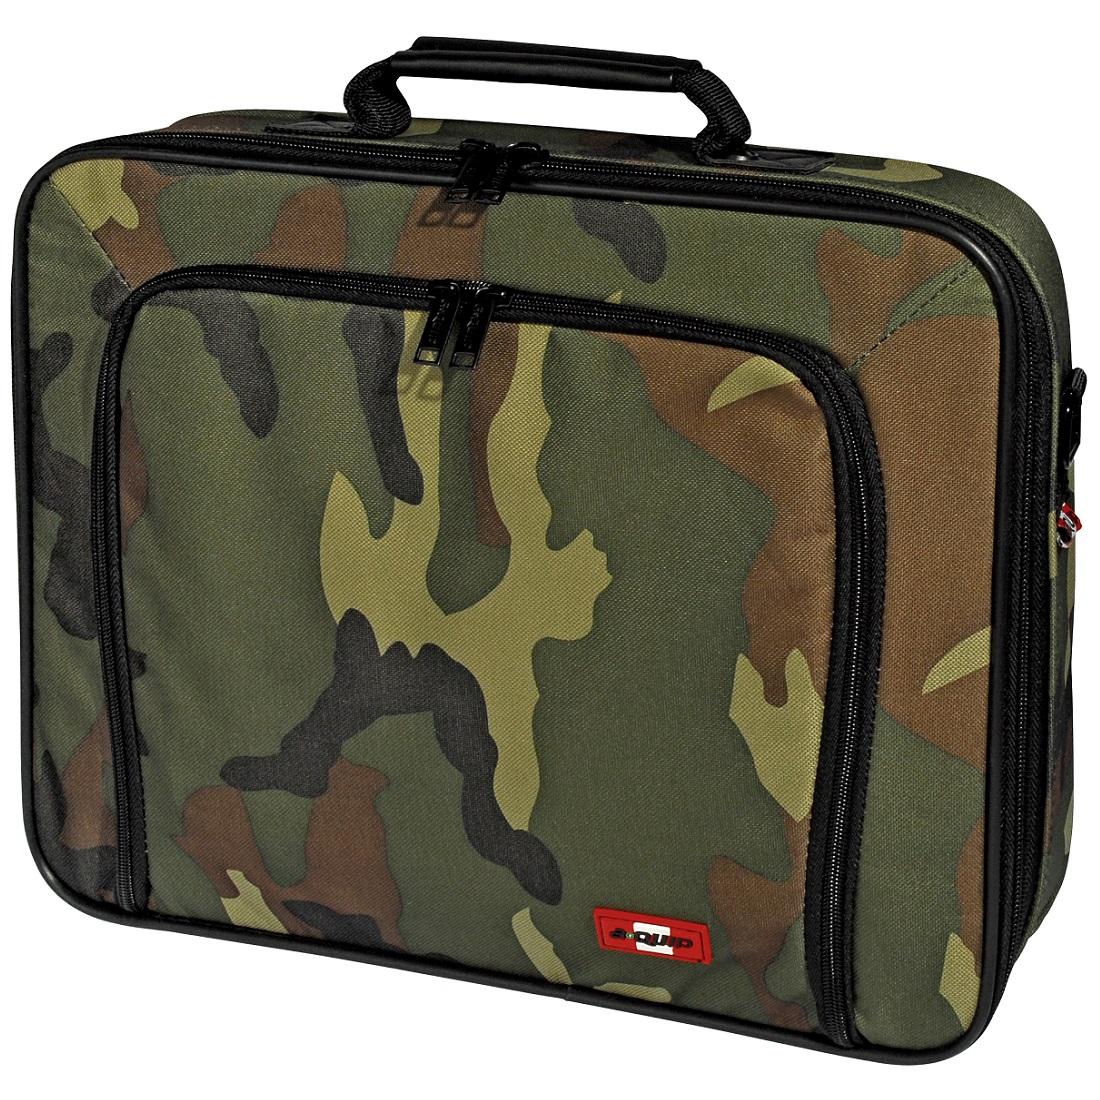 a-quip Notebooktasche Camouflage Edition 15,4 Zoll mit Schultergurt